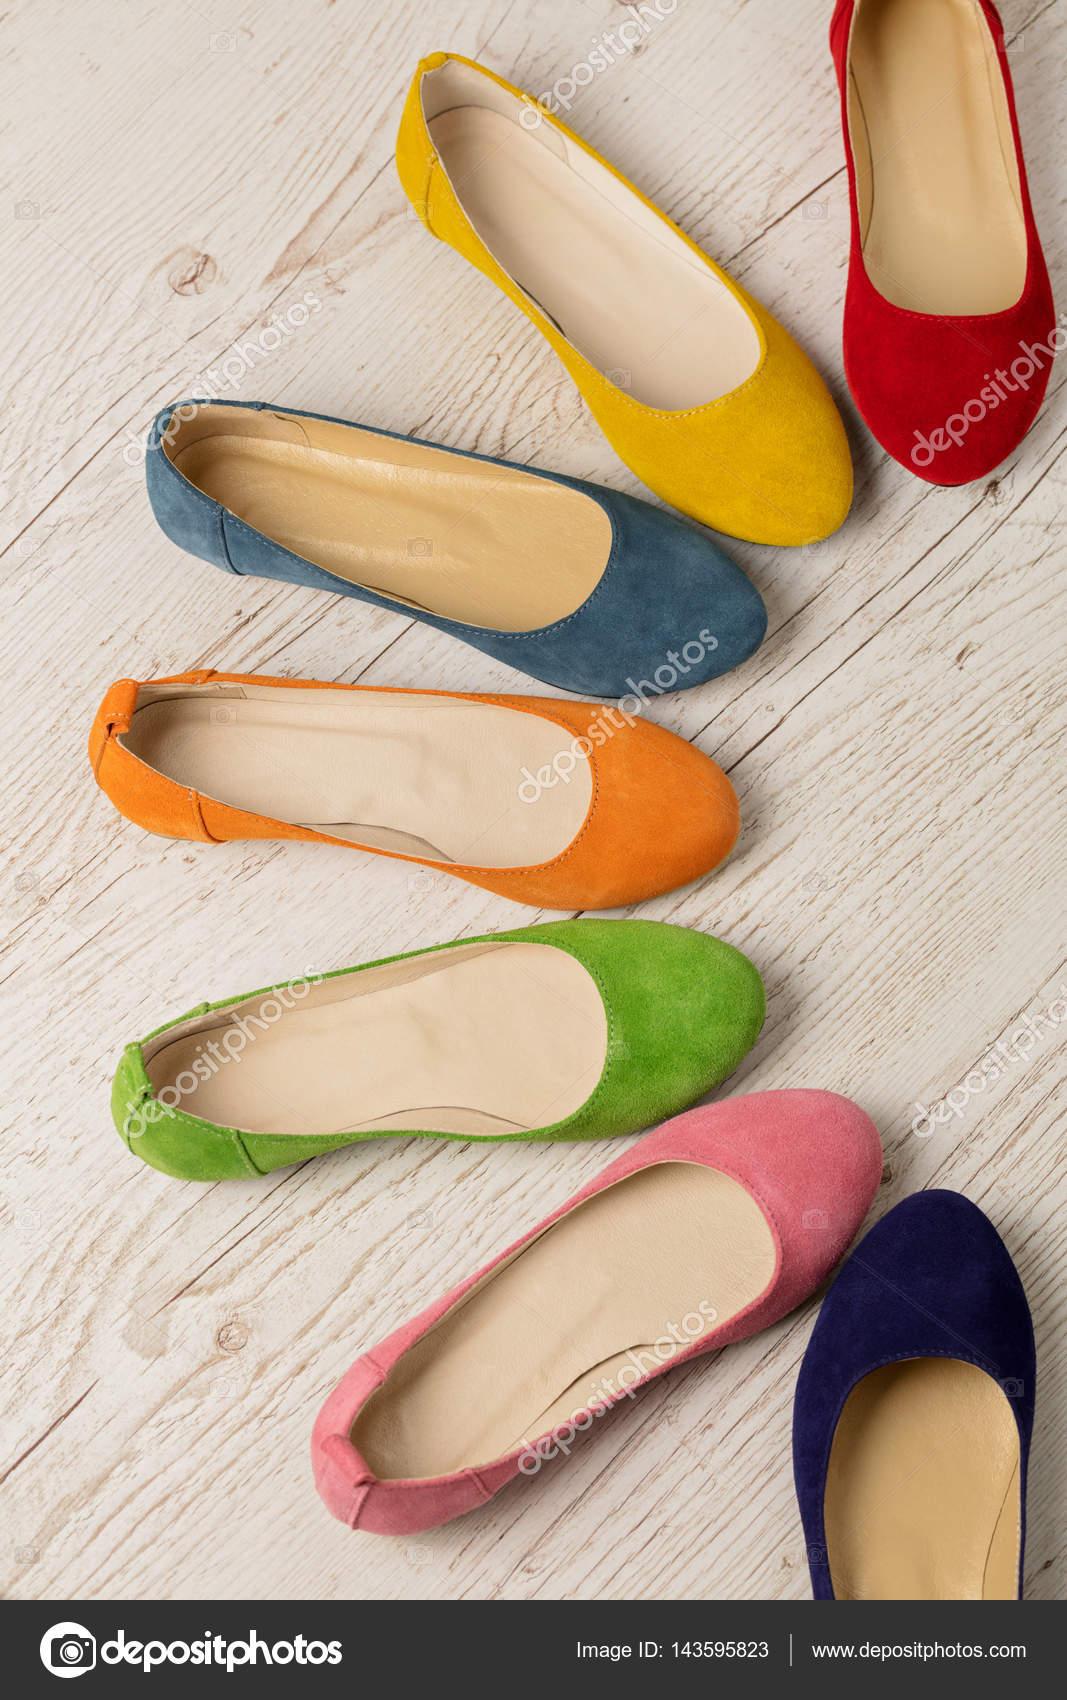 quality design d836f a67ba Fila di scarpe colorate (ballerine) su un fondo di legno ...